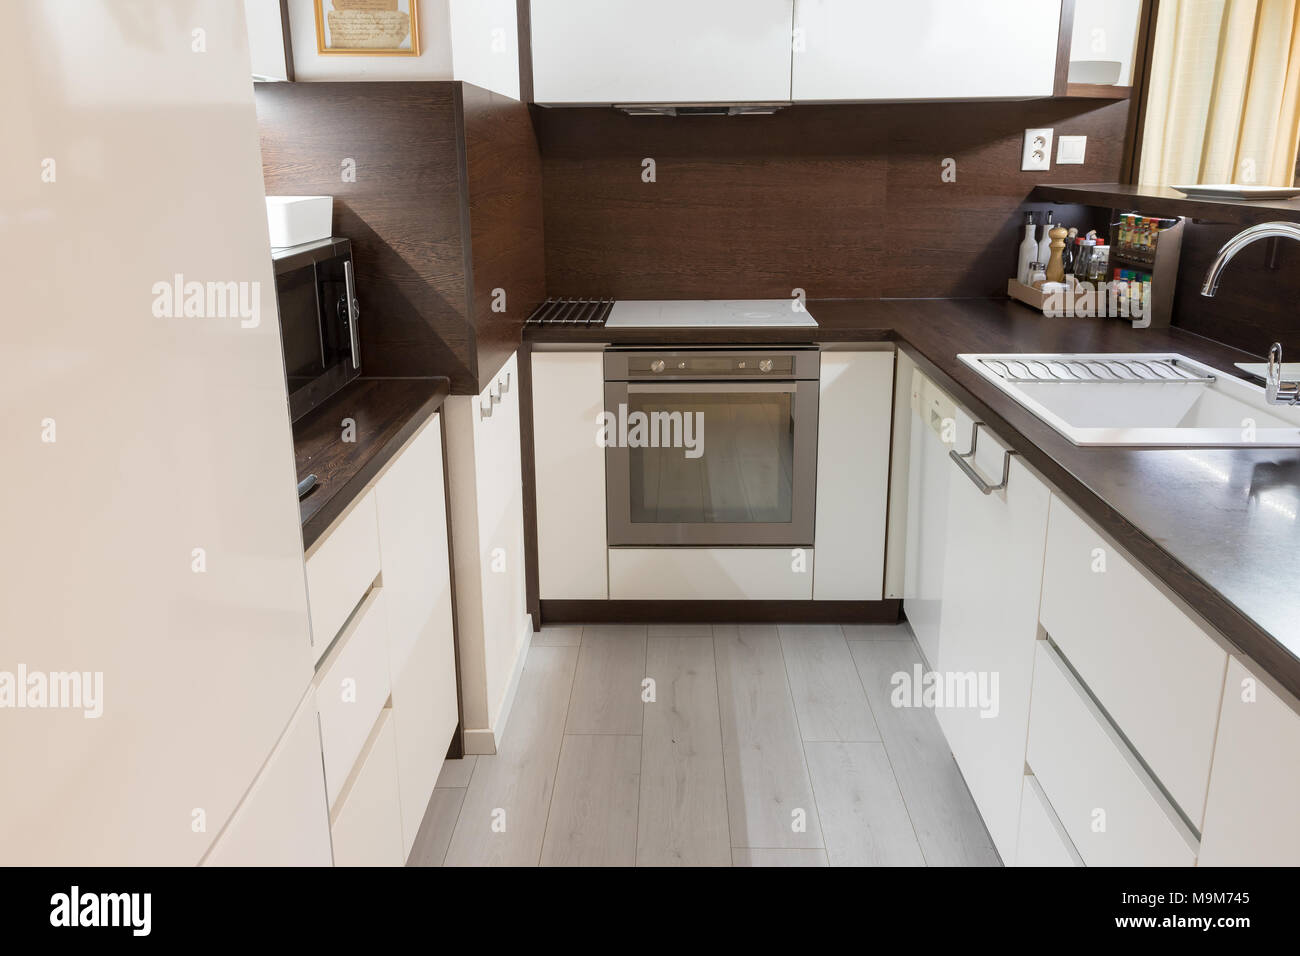 https www alamyimages fr cuisine moderne en blanc et marron avec four plaque de cuisson en ceramique et d autres equipements de cuisine image178080229 html